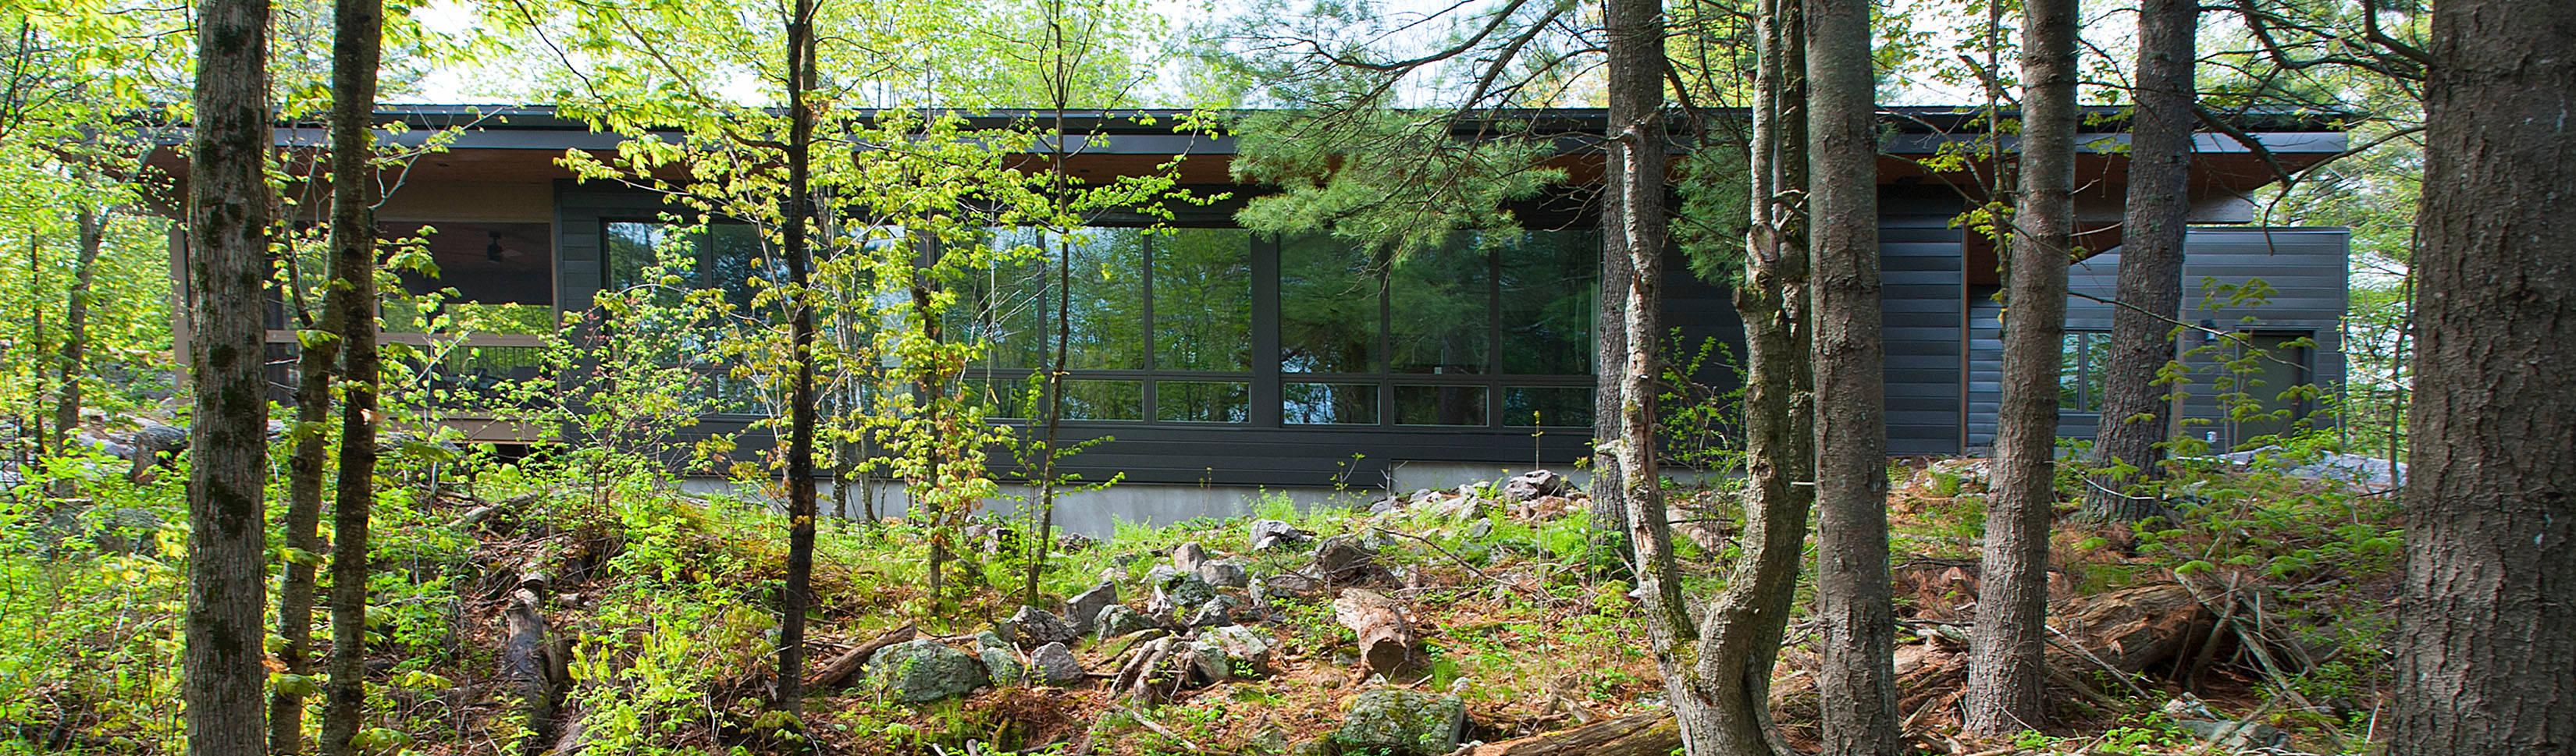 Solares Architecture